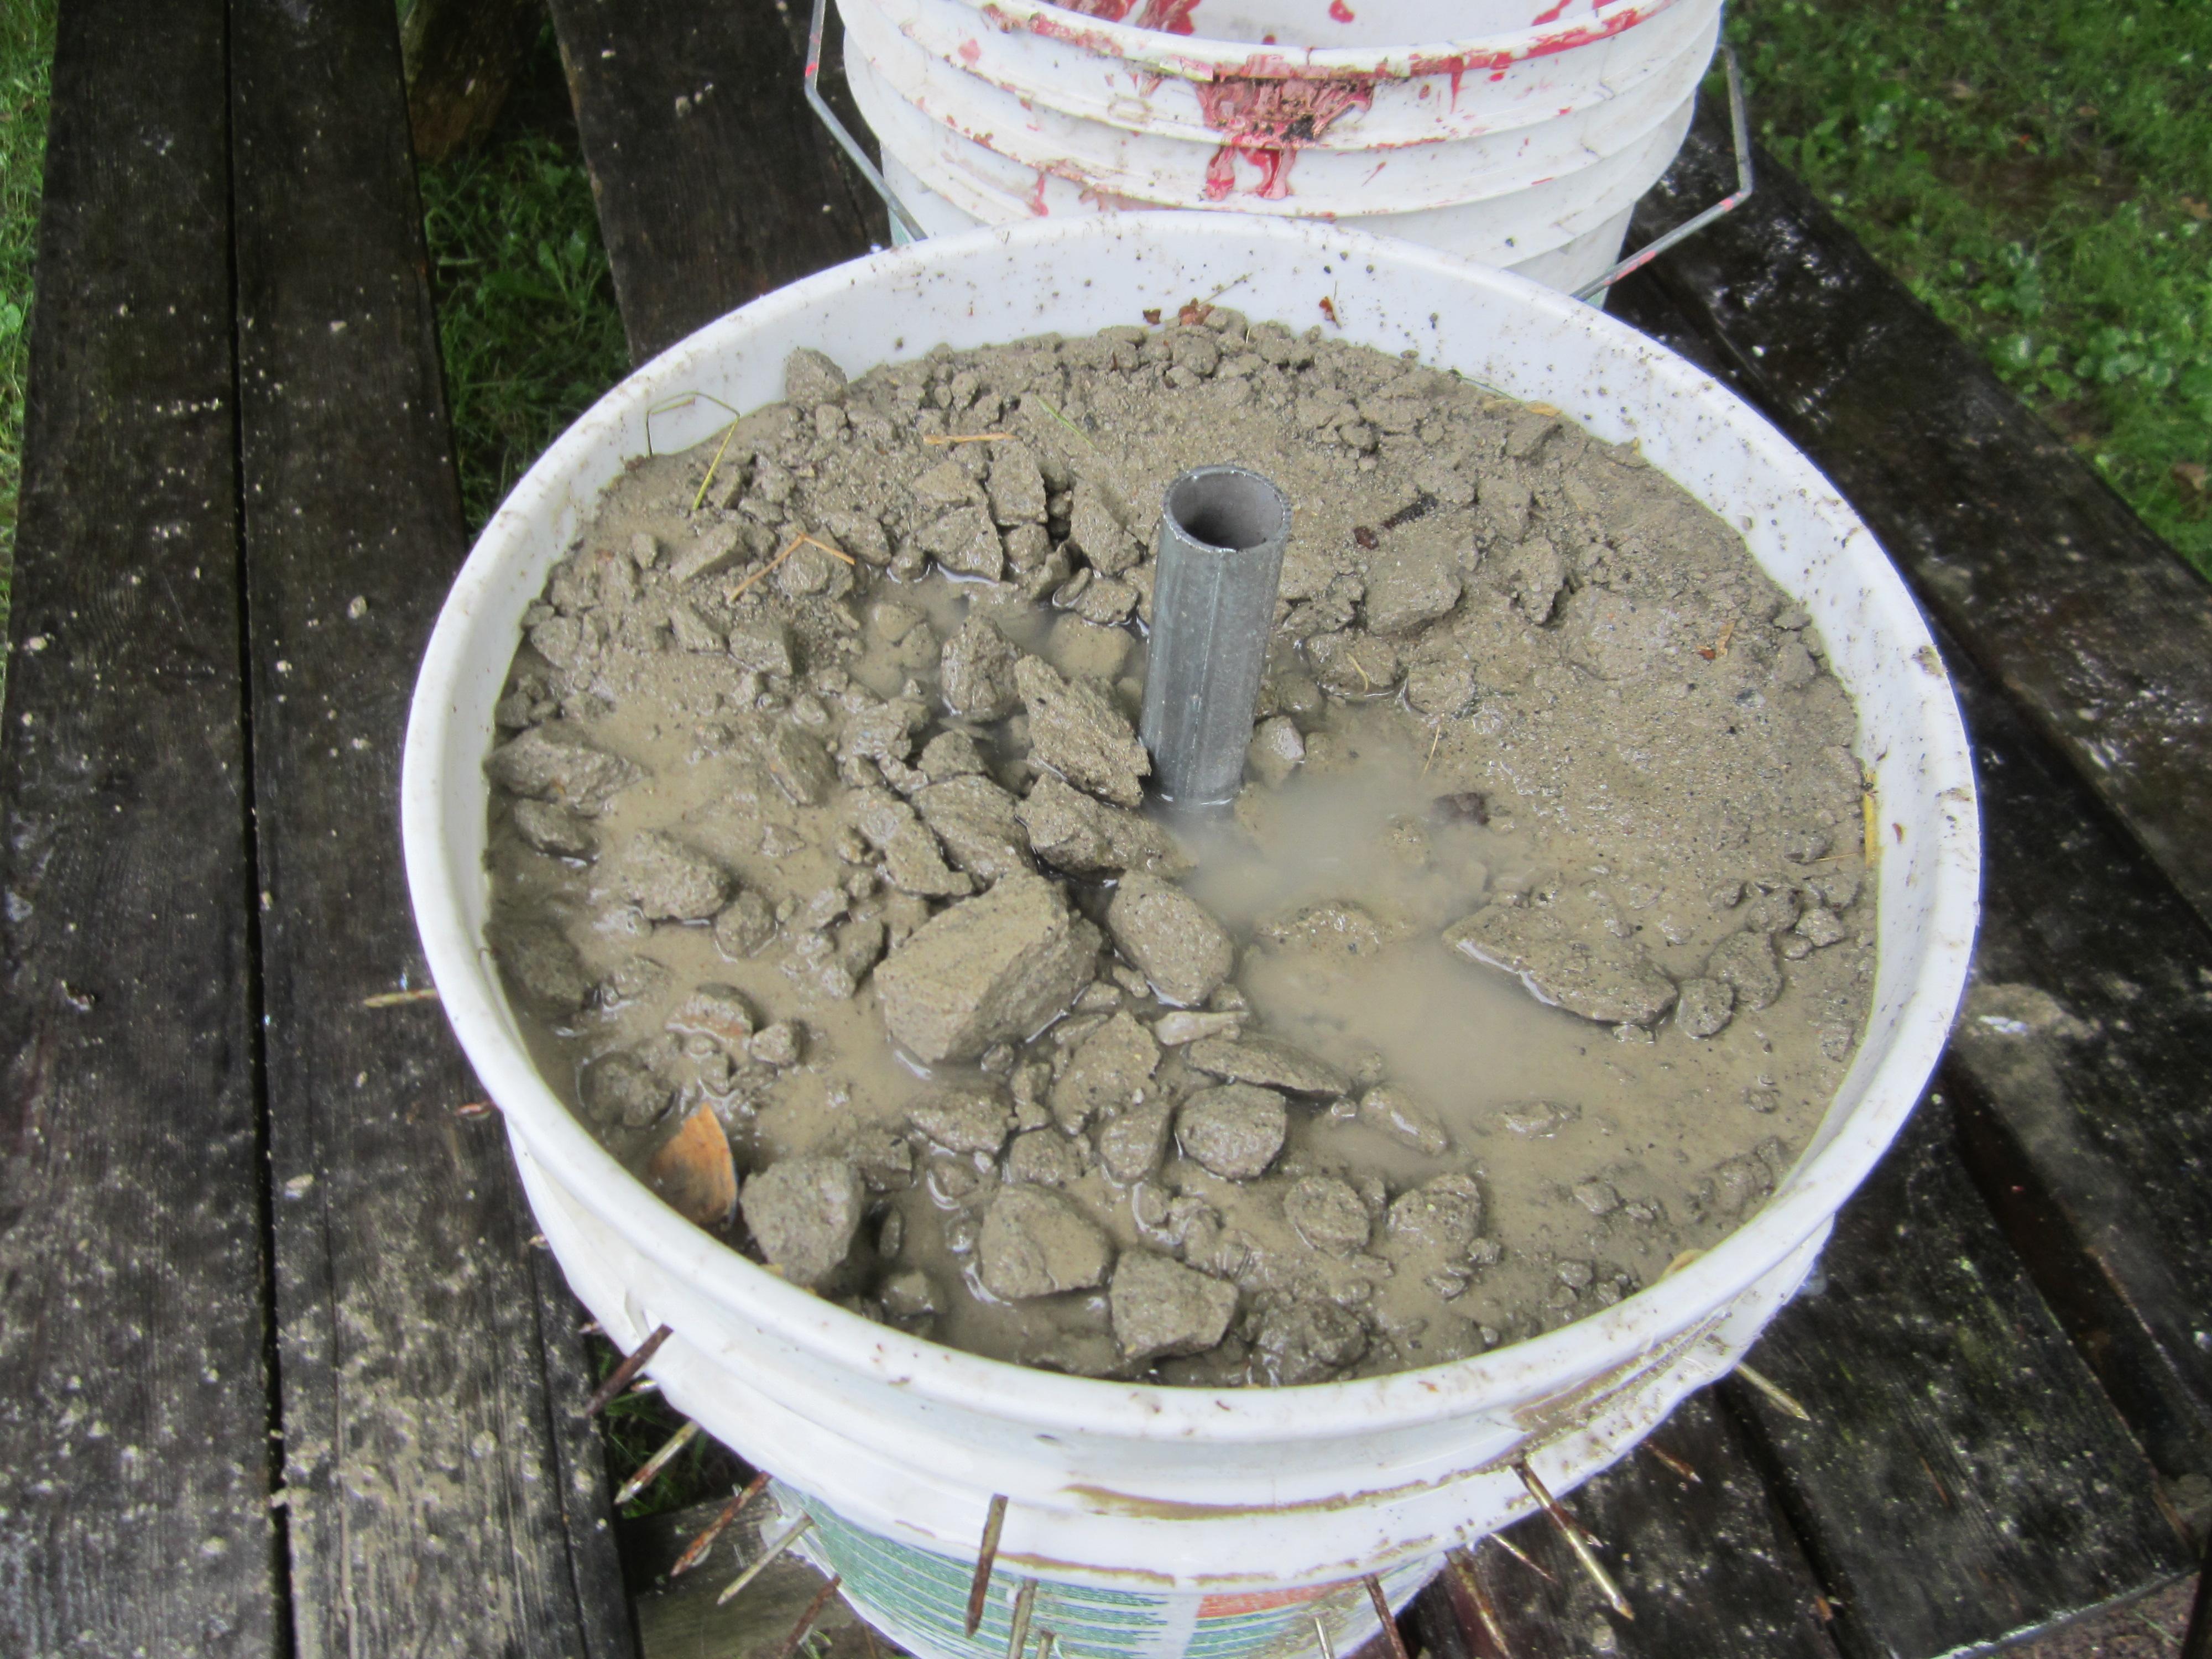 Picture of Put Pipe in Center; Add Concrete